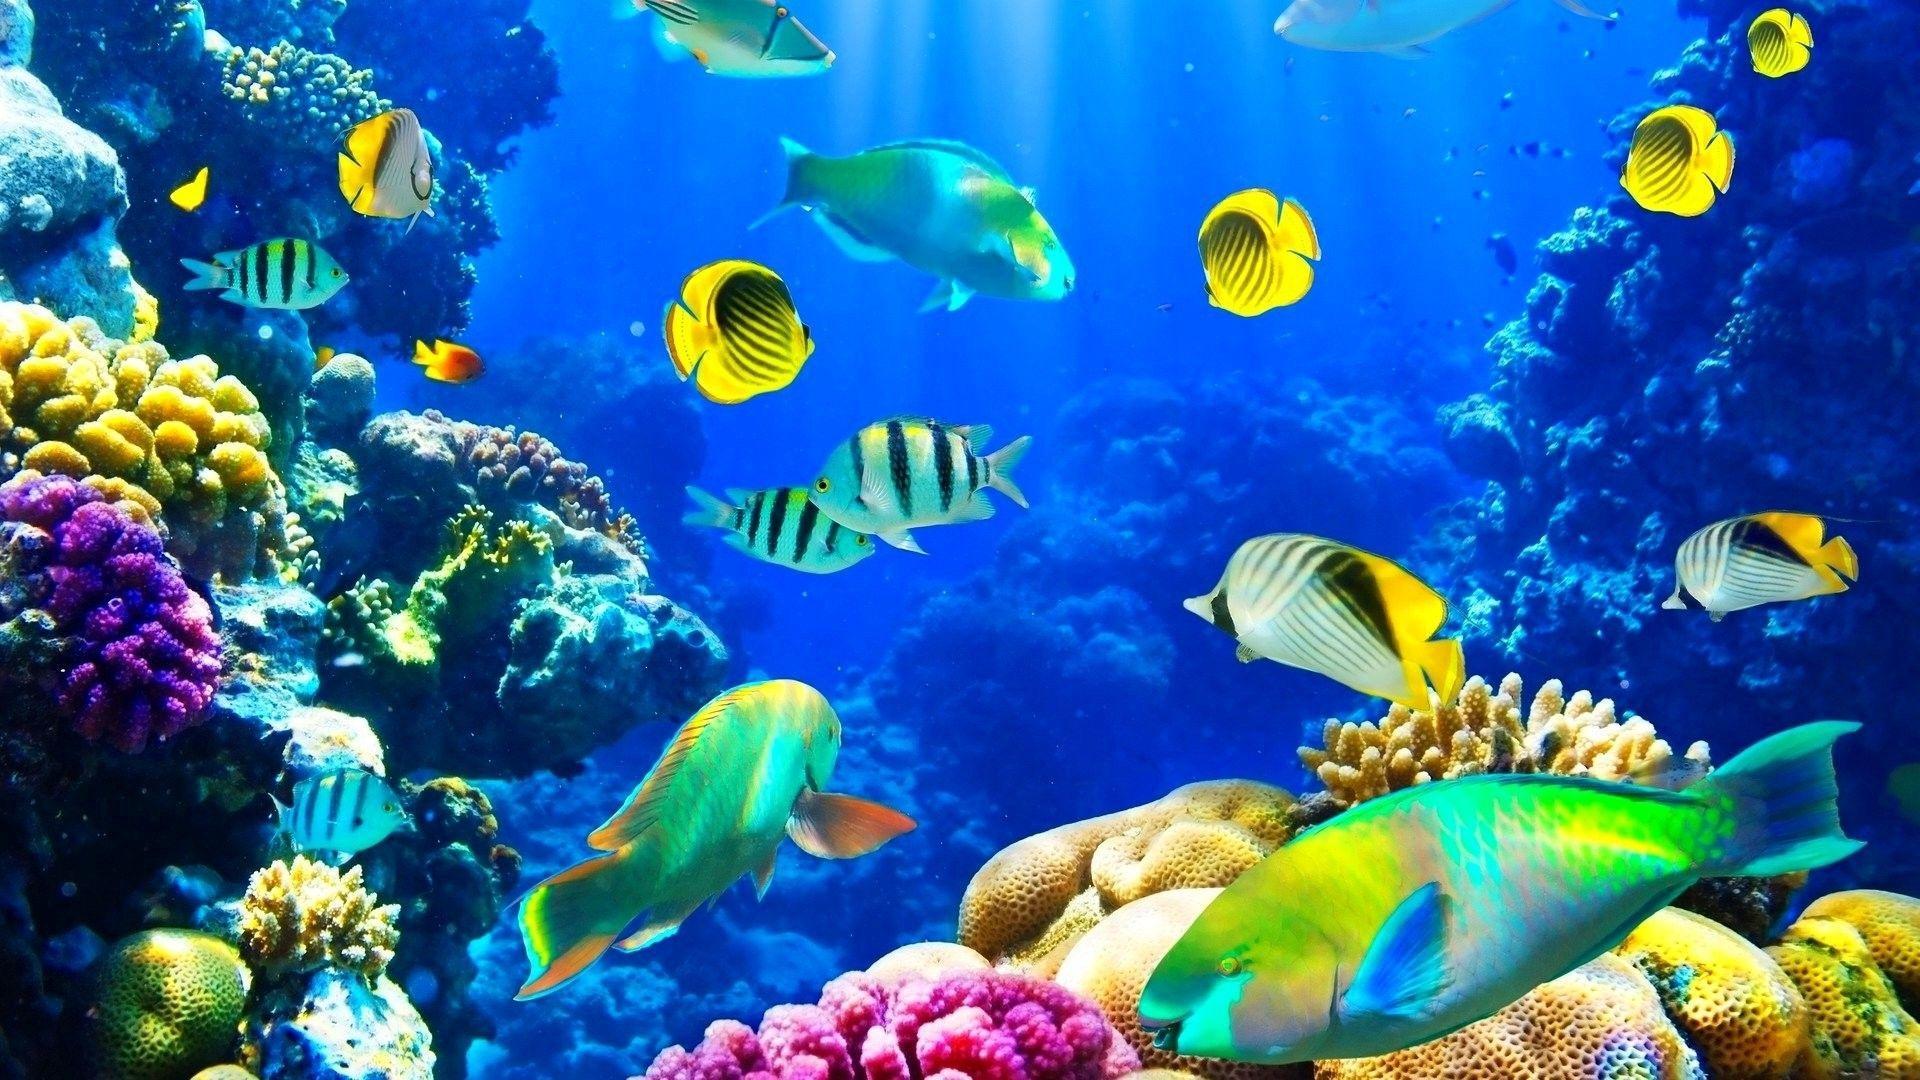 Ocean Life Wallpapers Top Free Ocean Life Backgrounds